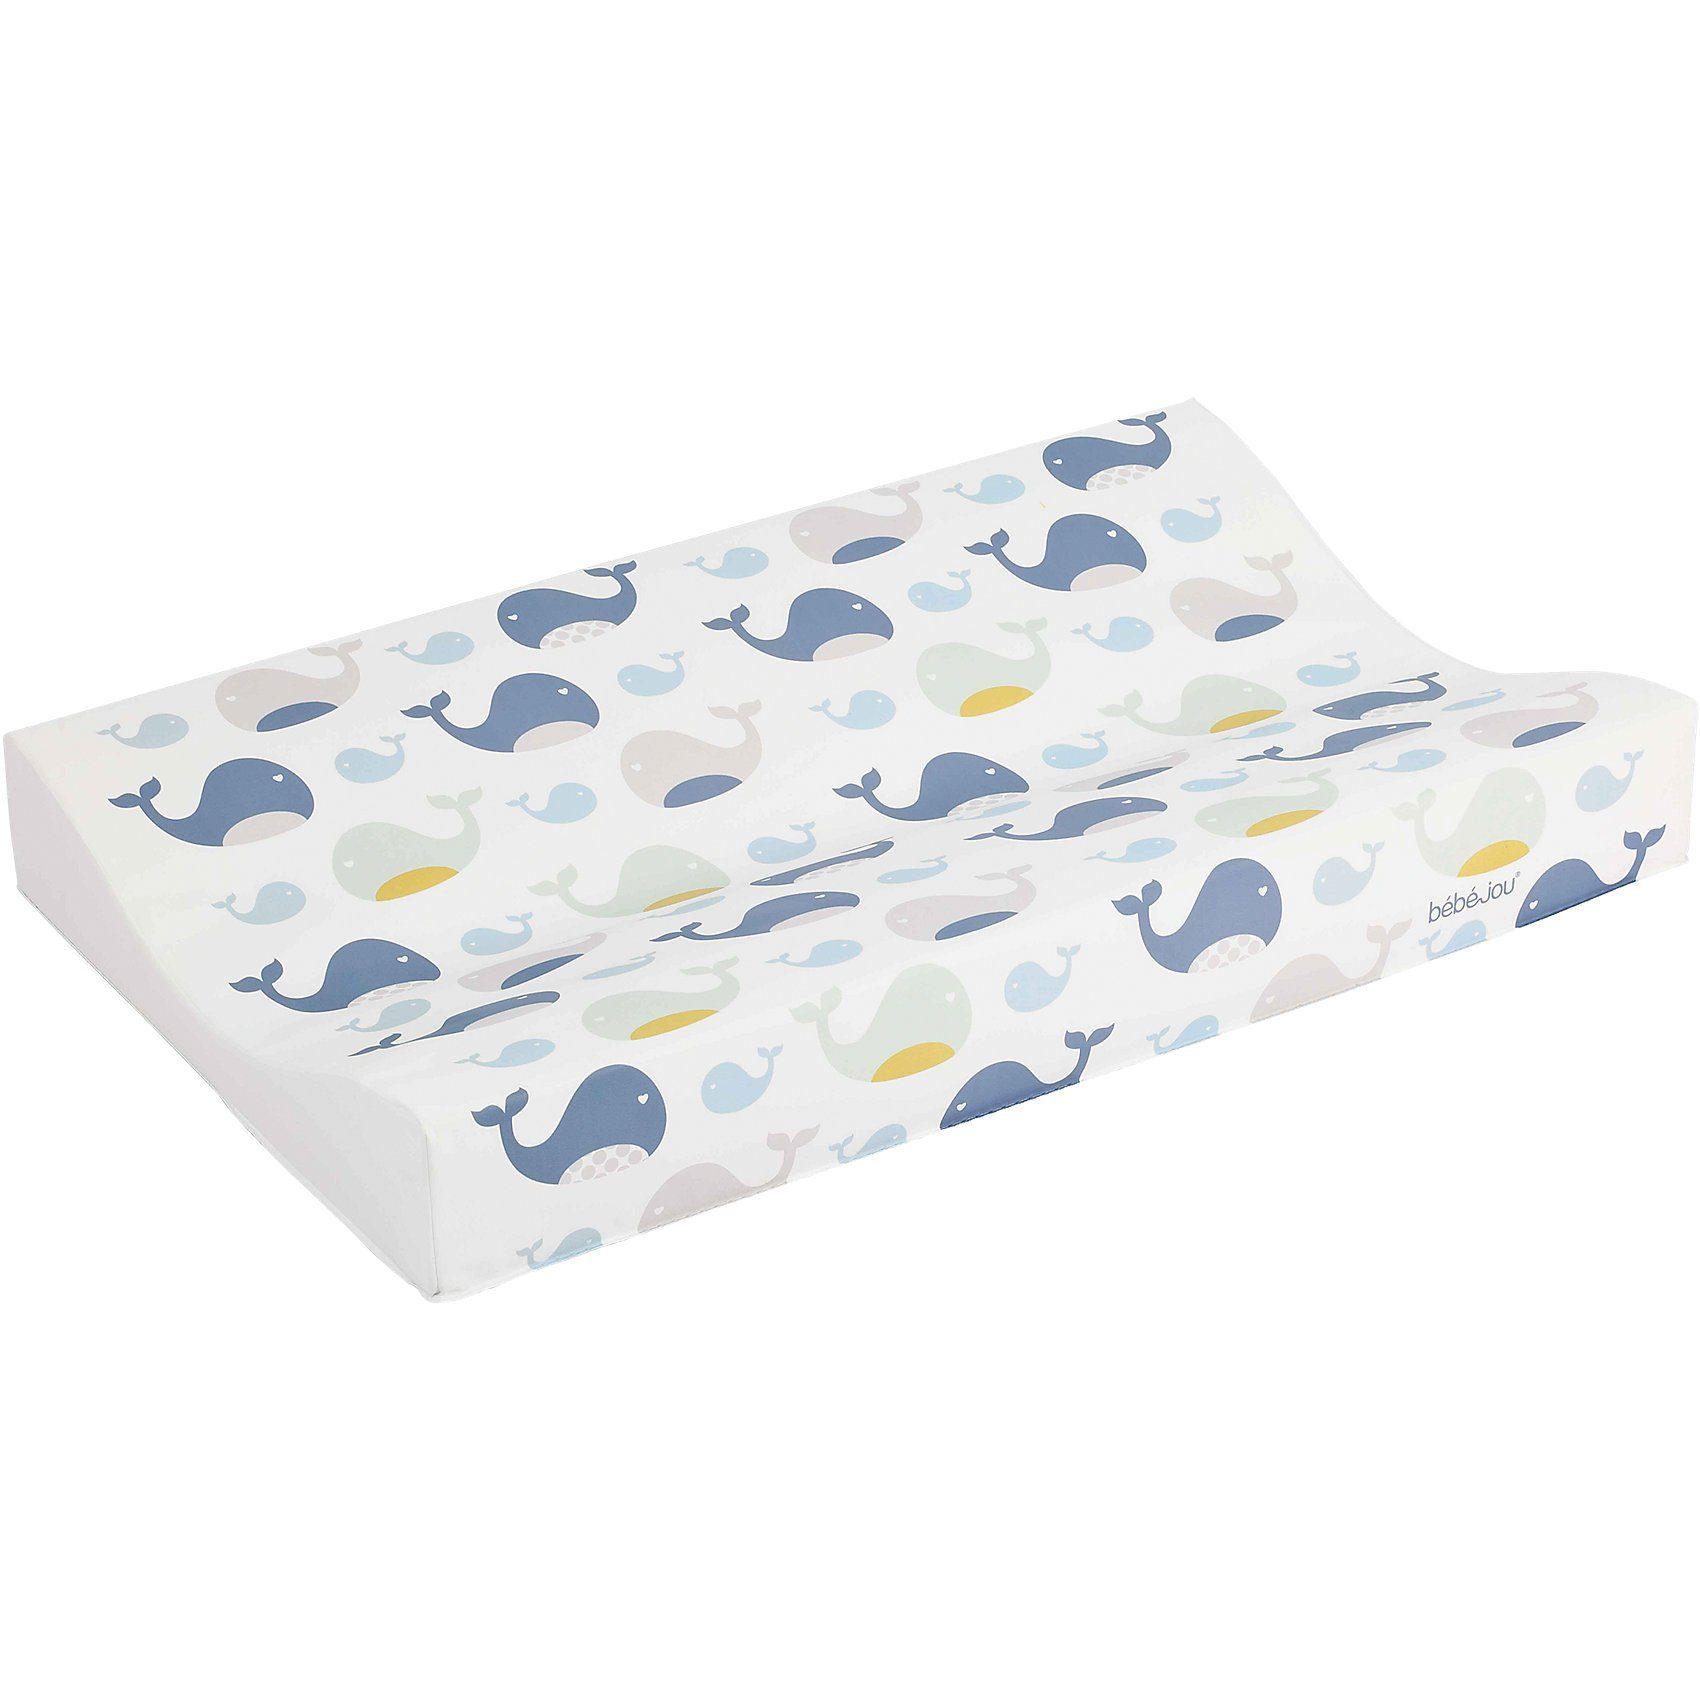 bébé-jou Keil- Wickelauflage Komfort, Wally Whale, blau, 71 x 44 cm